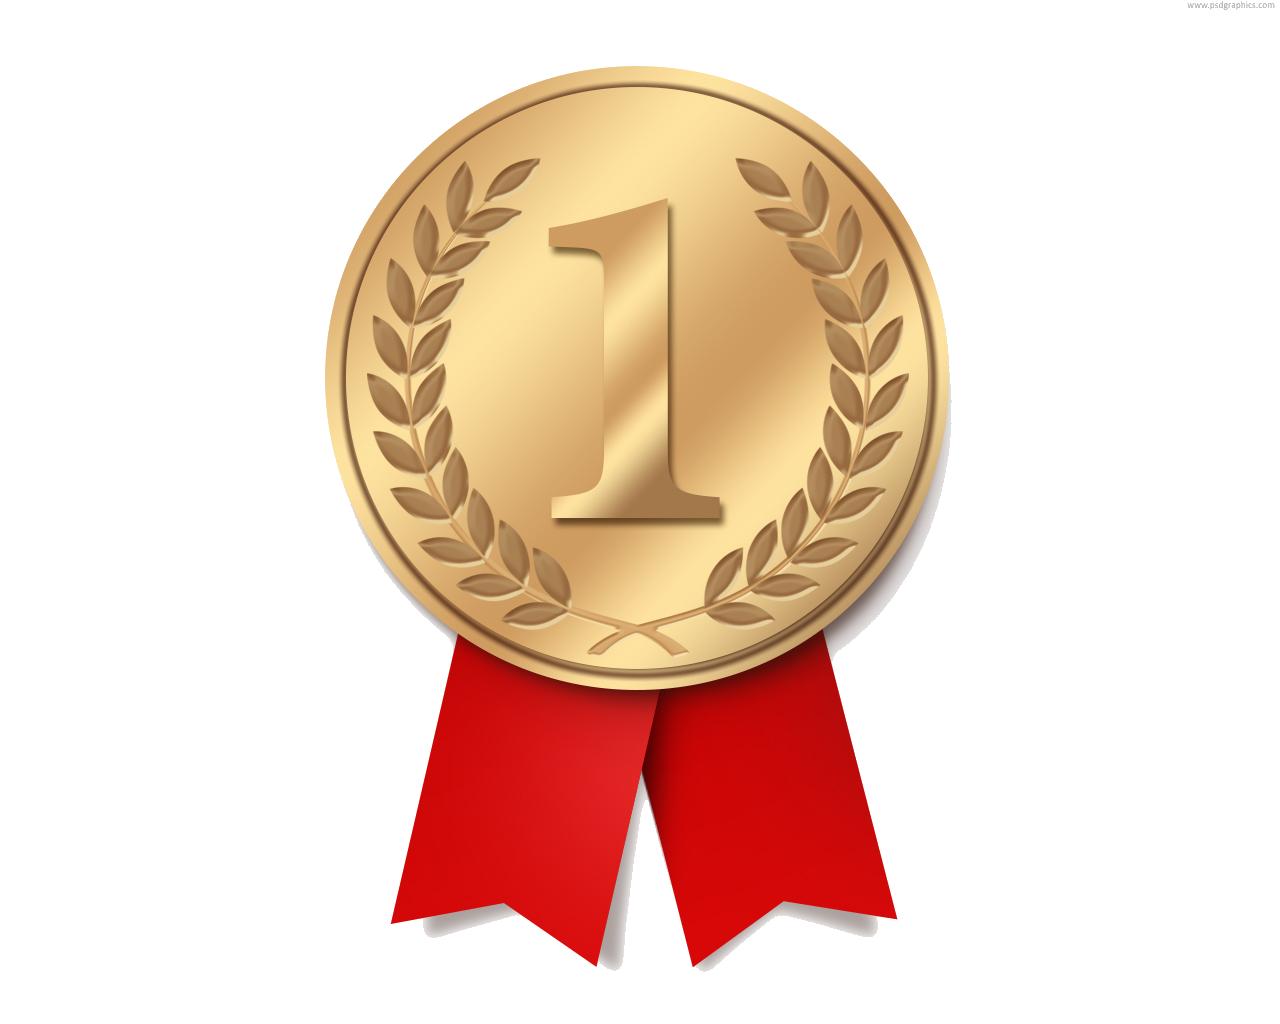 Gold Award PNG - 166776